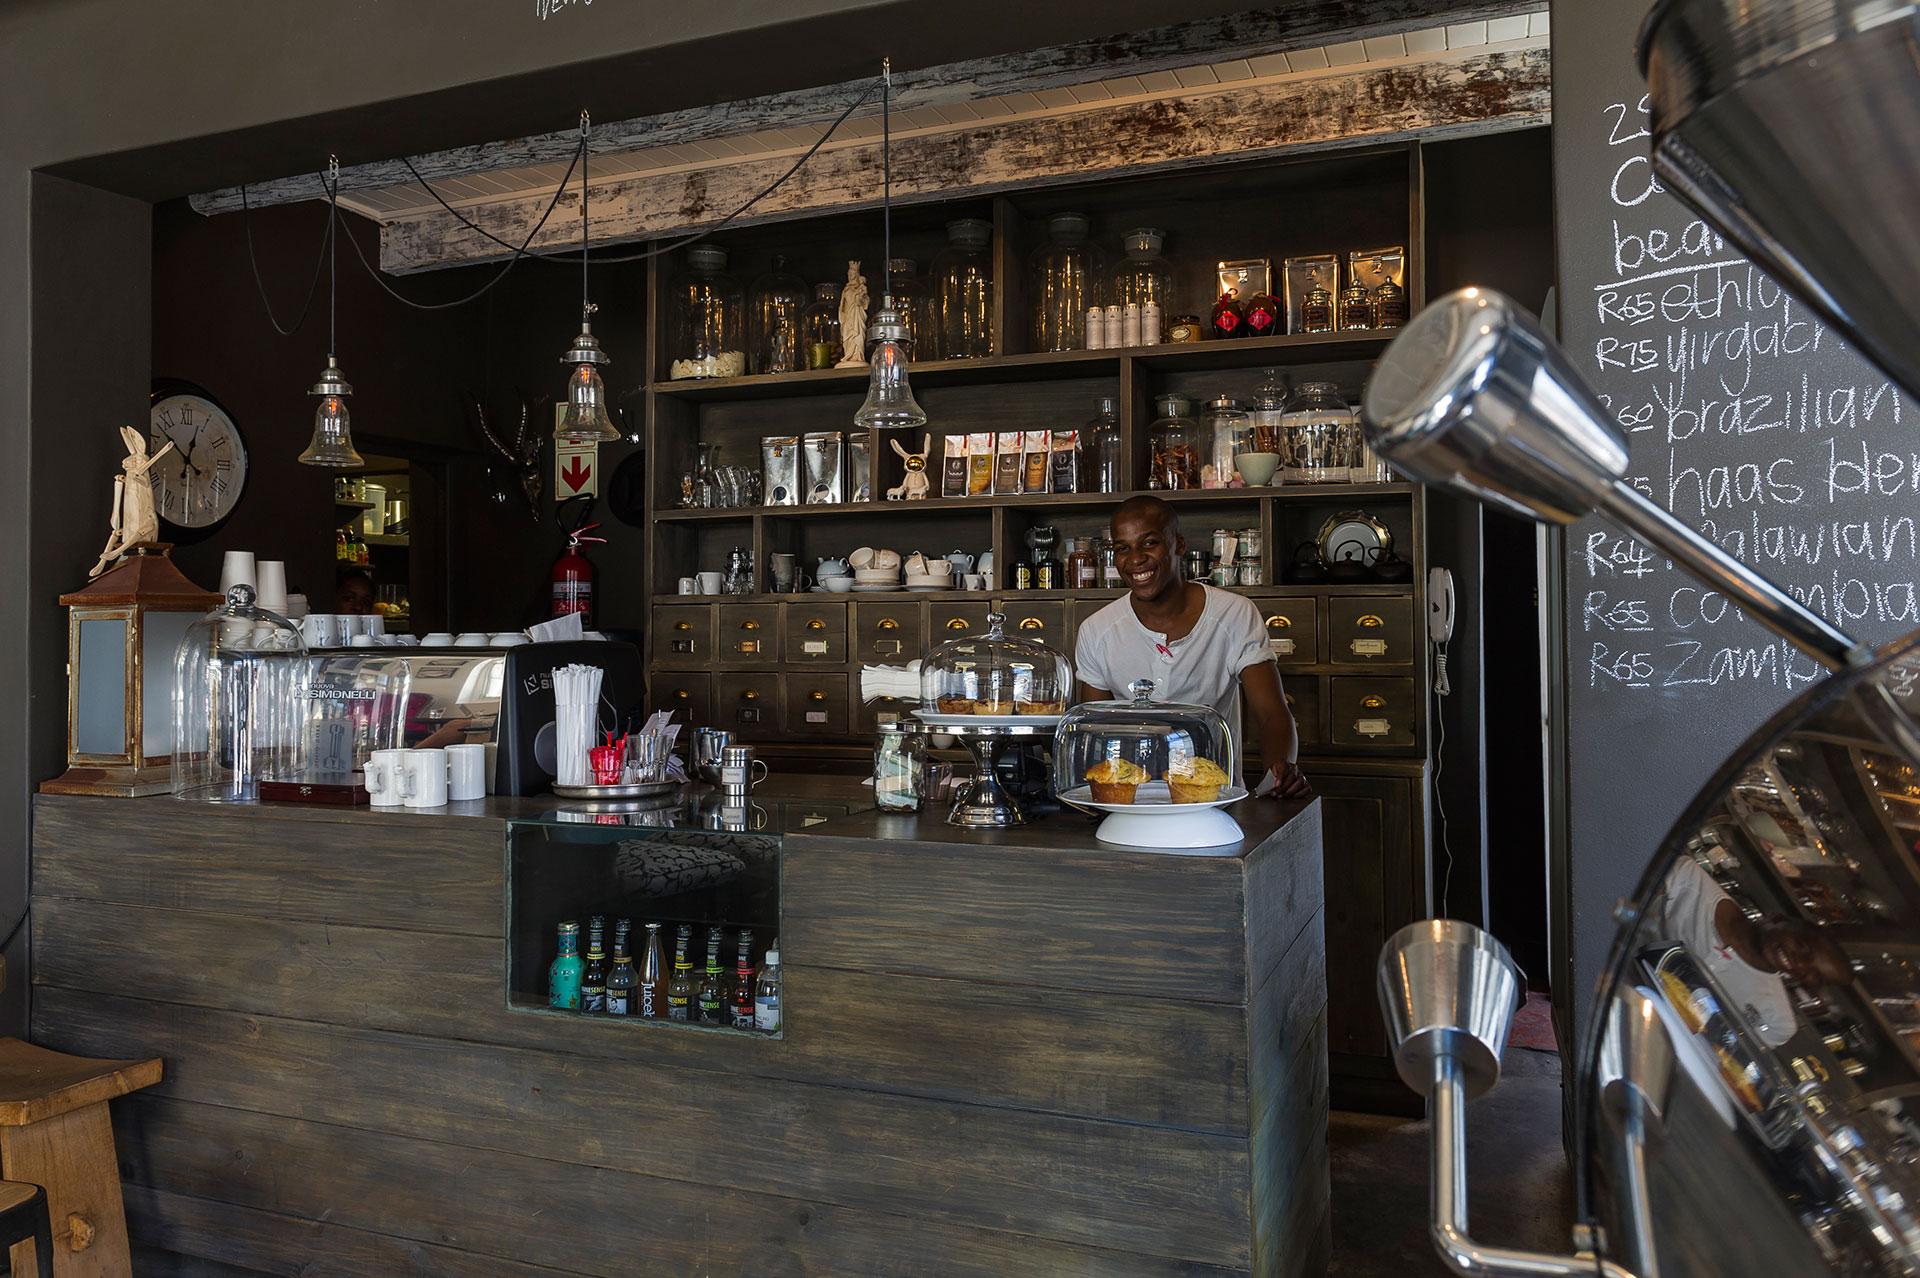 Afrika Südafrika Kapstadt Stadtteil Bo-Kaap Kapmalaien Malaienviertel Malay Quarter modernes Kaffee Café Café Haus